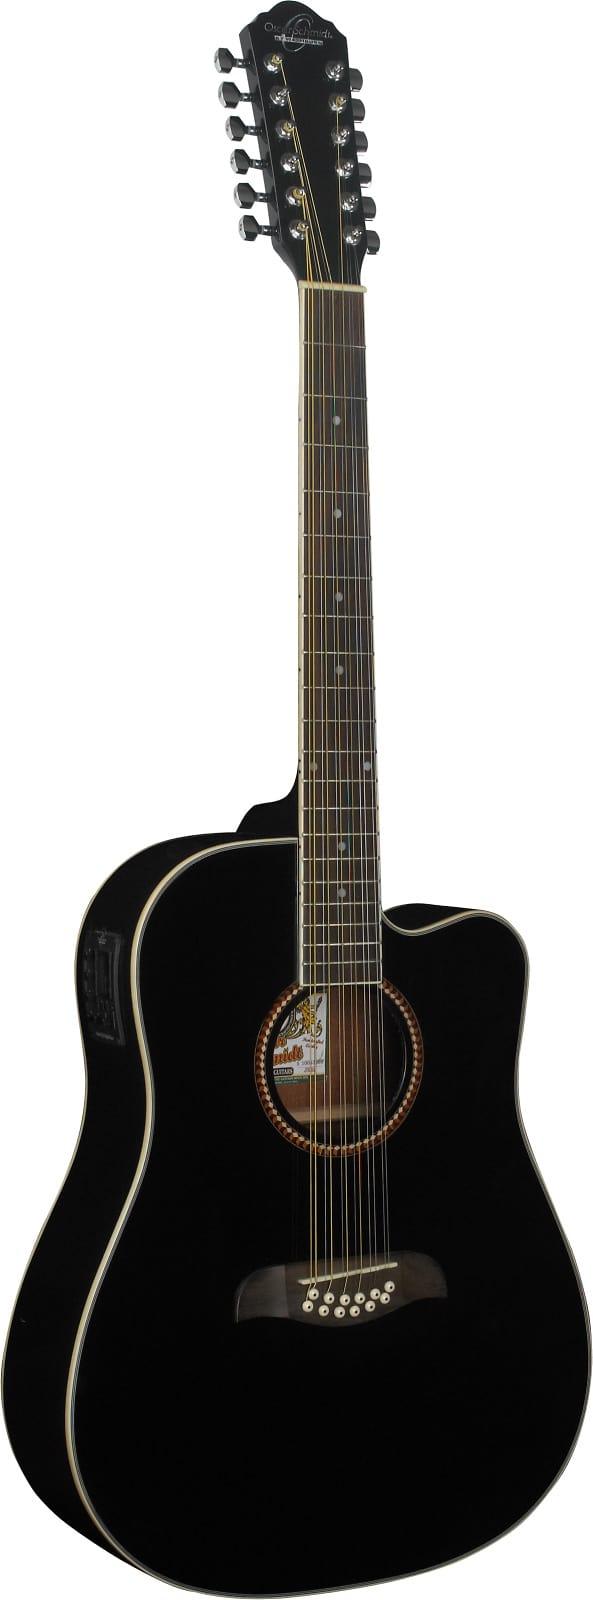 oscar schmidt 12 string acoustic electric guitar spruce top reverb. Black Bedroom Furniture Sets. Home Design Ideas